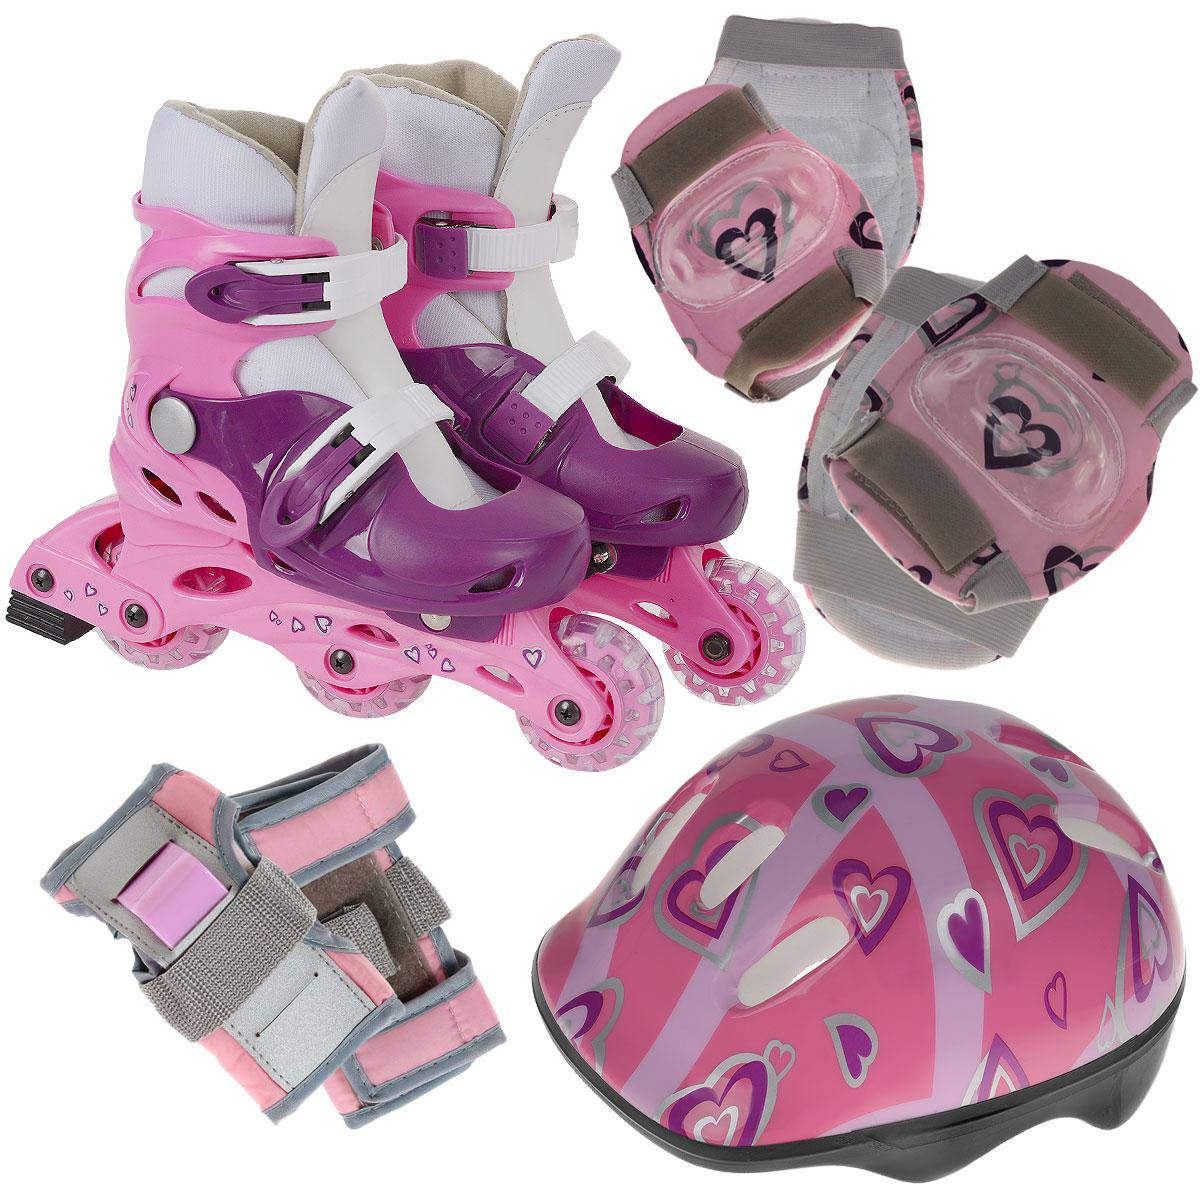 Набор Action: коньки роликовые, защита, шлем, цвет: розовый. PW-120P. Размер 35/38PW-120PРаздвижные коньки Action - это роликовые коньки любительского класса для детей и постоянно растущих подростков, предназначены для занятий спортом и активного отдыха.Коньки имеют пластиковый ботинок со съемным сапожком с раздвижным механизмом, что обеспечивает хорошую посадку и пластичность, а для еще более комфортного катания ботинки коньков оснащены двумя клипсами с фиксаторами. Облегченная, анатомически облегающая конструкция обеспечивает улучшенную боковую поддержку и полный контроль над движением.Рама изготовлена из пластика, а колеса из полиуретана с 608Z. Диаметр колес 64 мм. В каждой модели роликов есть тормоз. К роликам прилагается полный комплект защиты: шлем (из плотного пенопласта с верхним покрытием из пластика), защита рук, коленей, локтей. Двухкомпонентная система с внутренними вставками поглощает энергию удара, снимает нагрузку с суставов и снижает риск получения травм. Все это упаковано в специальную сумку-переноску с прозрачными окном. Роликовые коньки - это прекрасная возможность активного время провождения, отличный способ снять напряжение после трудового дня, пообщаться с друзьями, завести новые знакомства и повысить свою самооценку. При выборе роликовых коньков следует заботиться не о цвете, внешнем виде или фирме-производителе, а о том, чтобы вам и вашему ребенку было удобно и комфортно в выбранной модели, и чтобы нога надежно и плотно фиксировалась в коньке, но в то же время ее ничто не стягивало. Нельзя покупать ролики на пять размеров больше, но и нельзя покупать размер в размер. Ролики должны быть на один, максимум два размера больше ноги. УВАЖАЕМЫЕ КЛИЕНТЫ!Обращаем ваше внимание на различие в количестве колес в зависимости от размеров роликов: ролики размером 31/34 поставляются с 3 колесами, размером 35/38 - с 4.